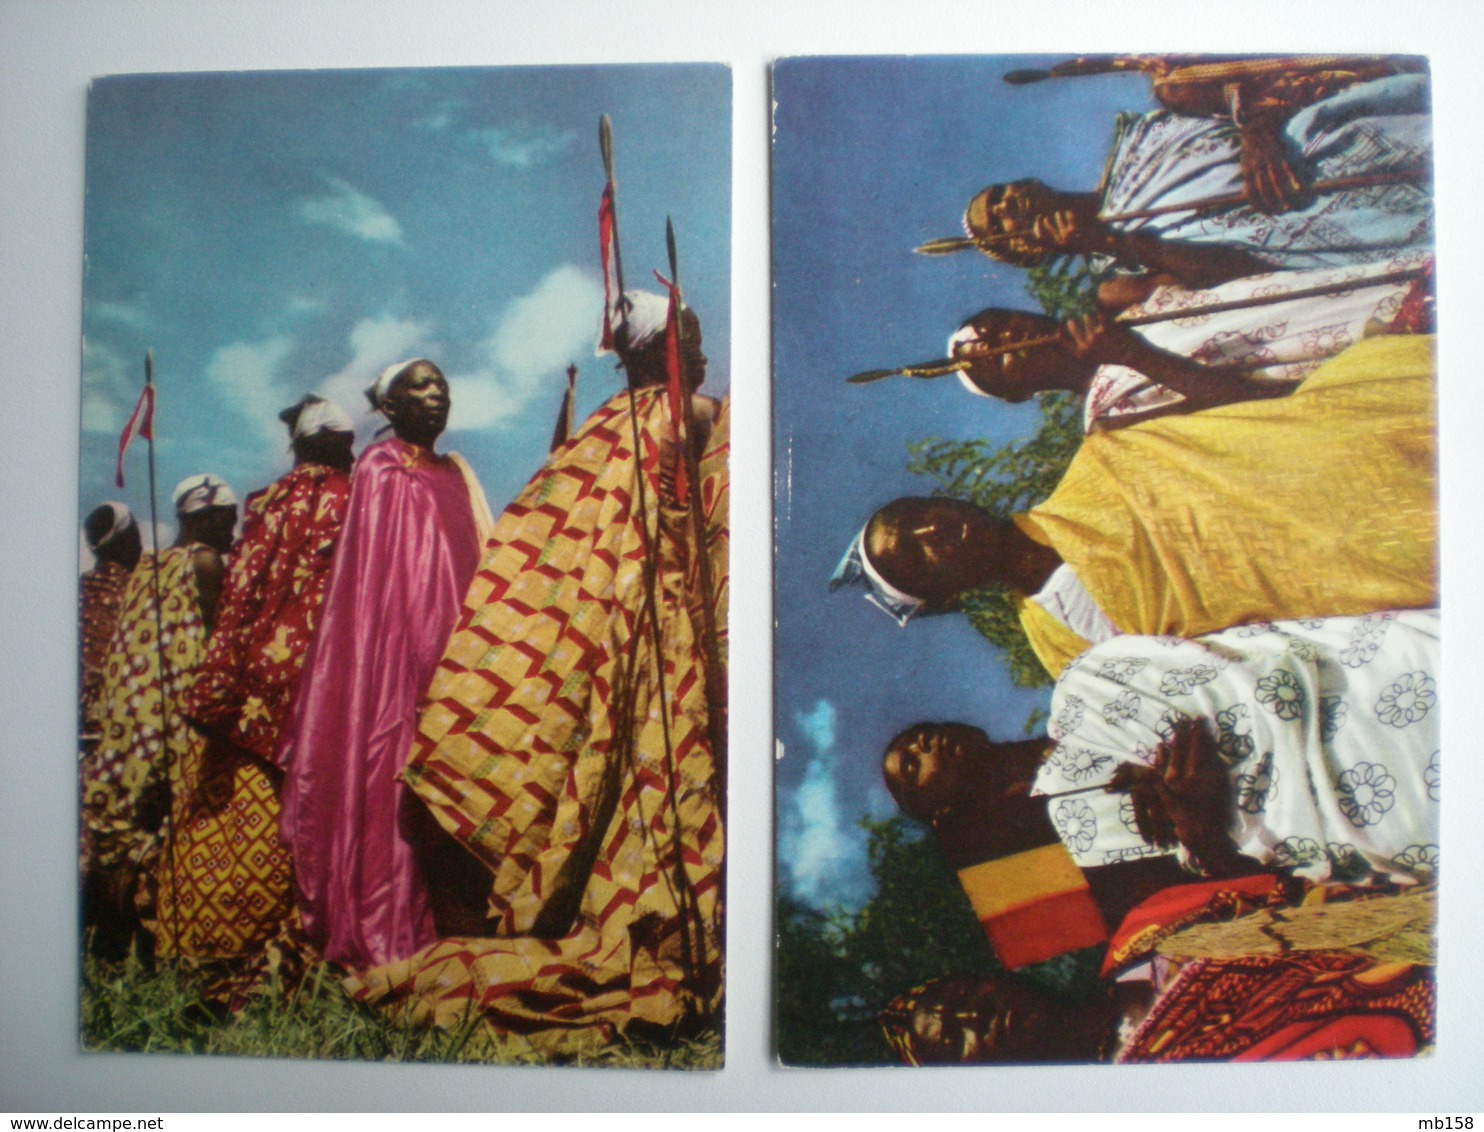 Congo - Kinshasa (ex Zaire) > Congo Belge Voyage Du Roi Baudouin 1955 - Congo Belga - Otros